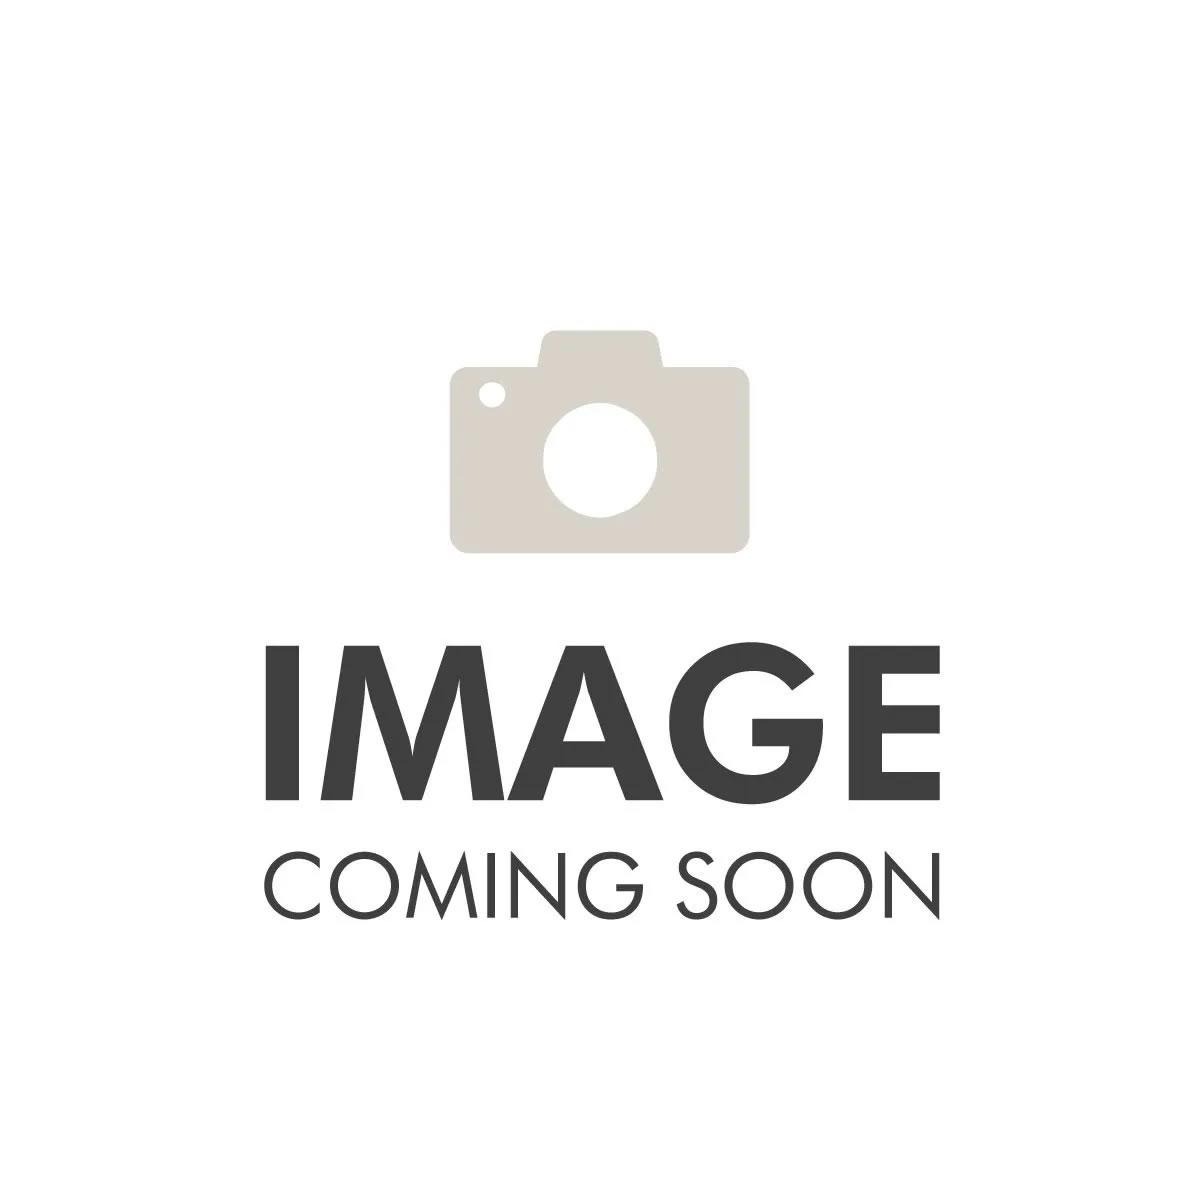 Auto Quest Jeeps